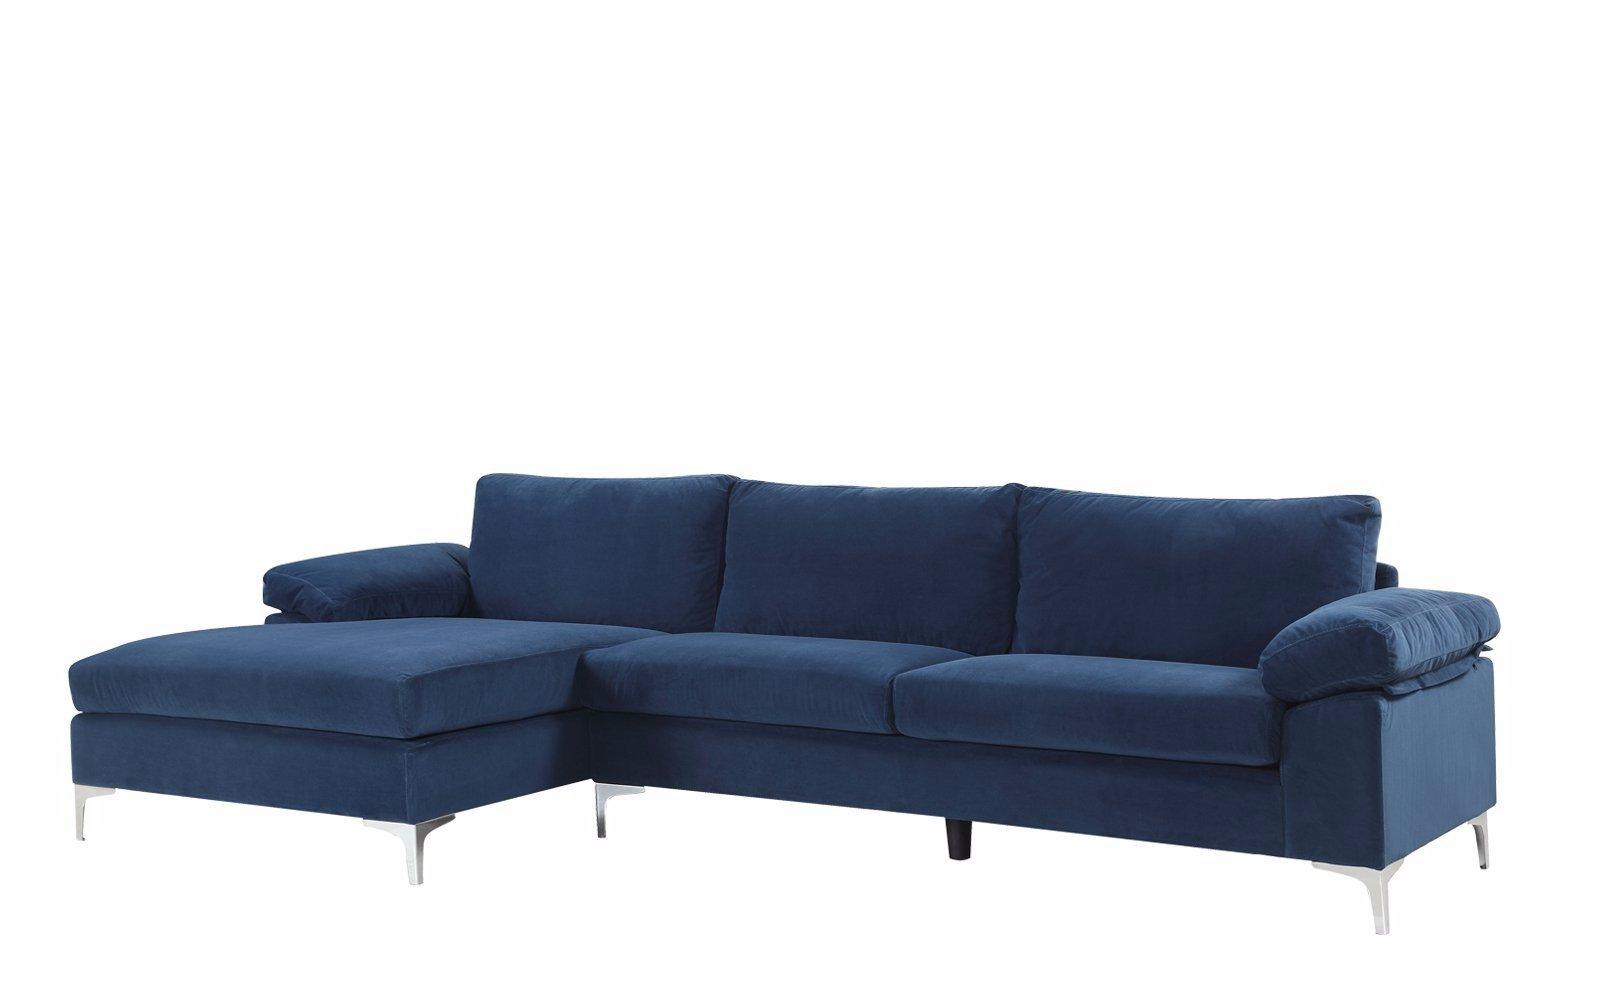 Fantastic Amanda Modern Velvet Large Sectional Sofa Take Me Home Short Links Chair Design For Home Short Linksinfo